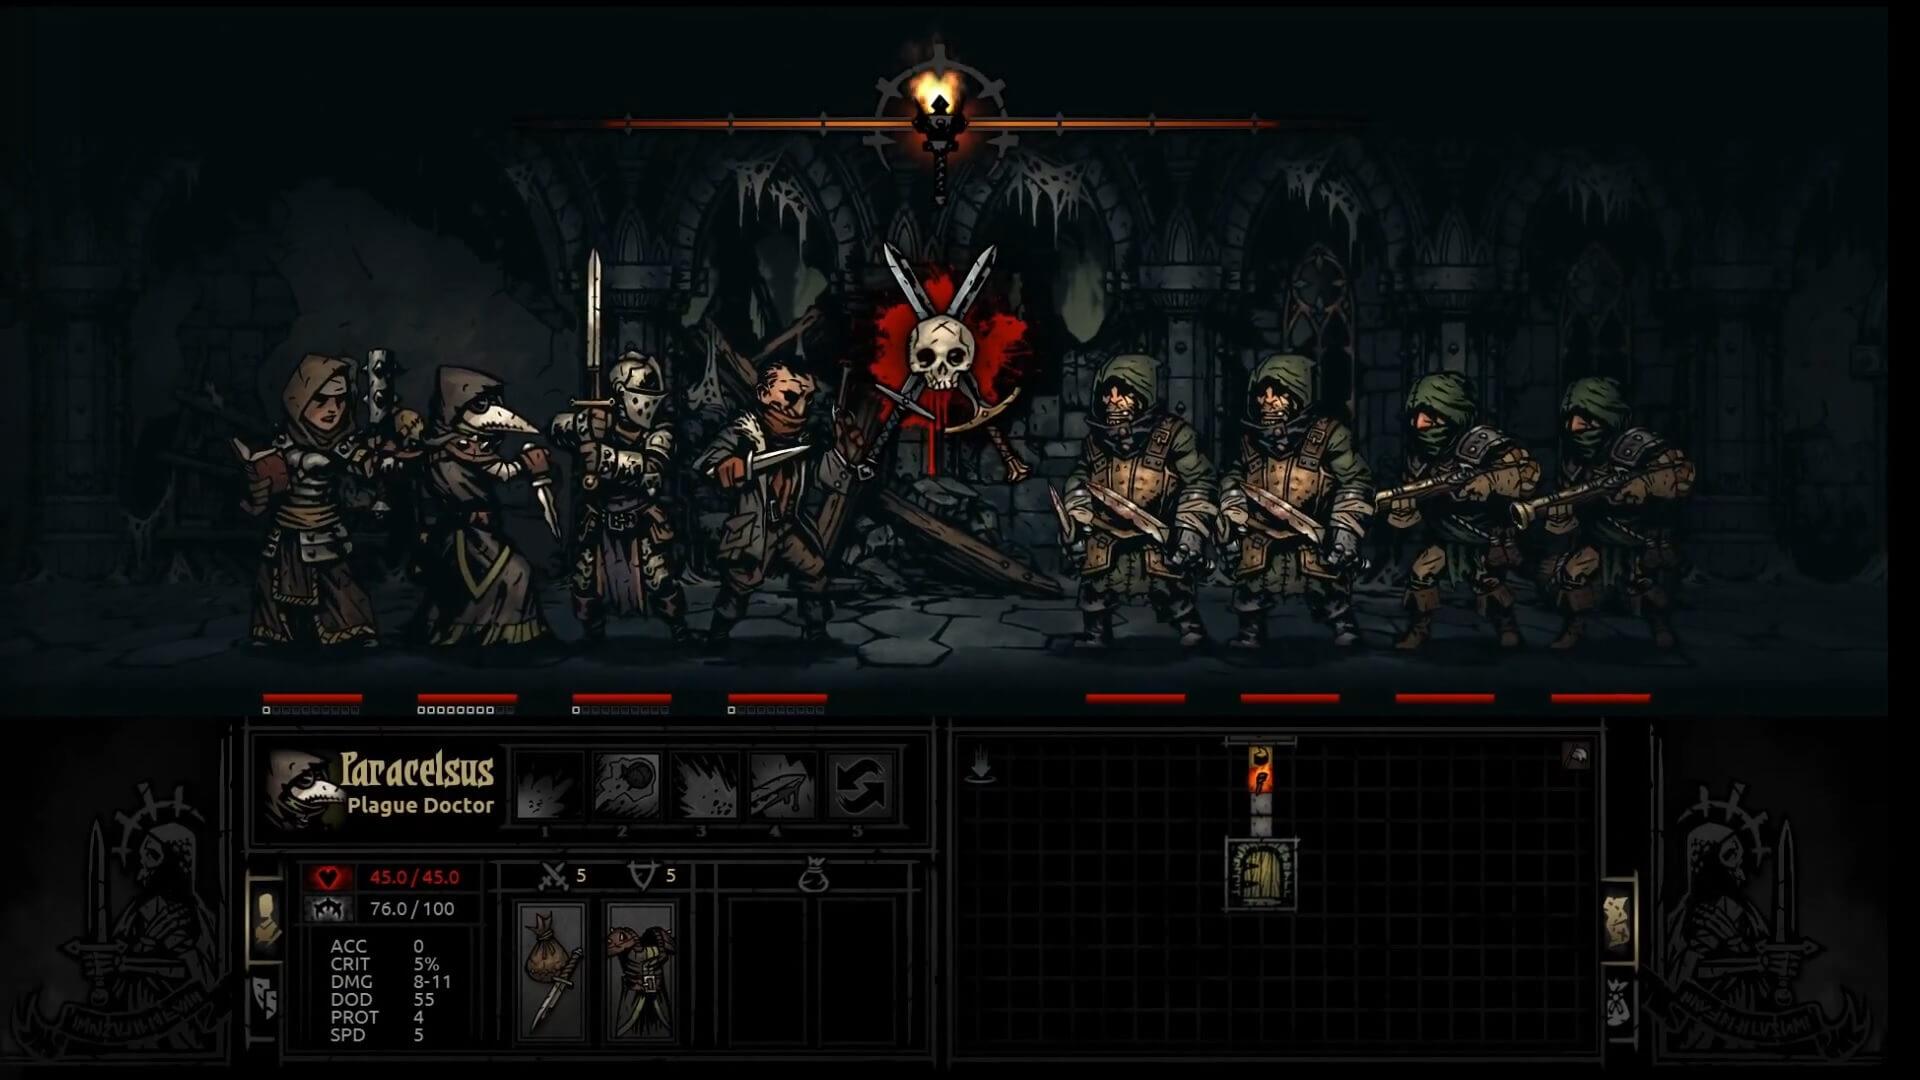 darkest dungeon gog update